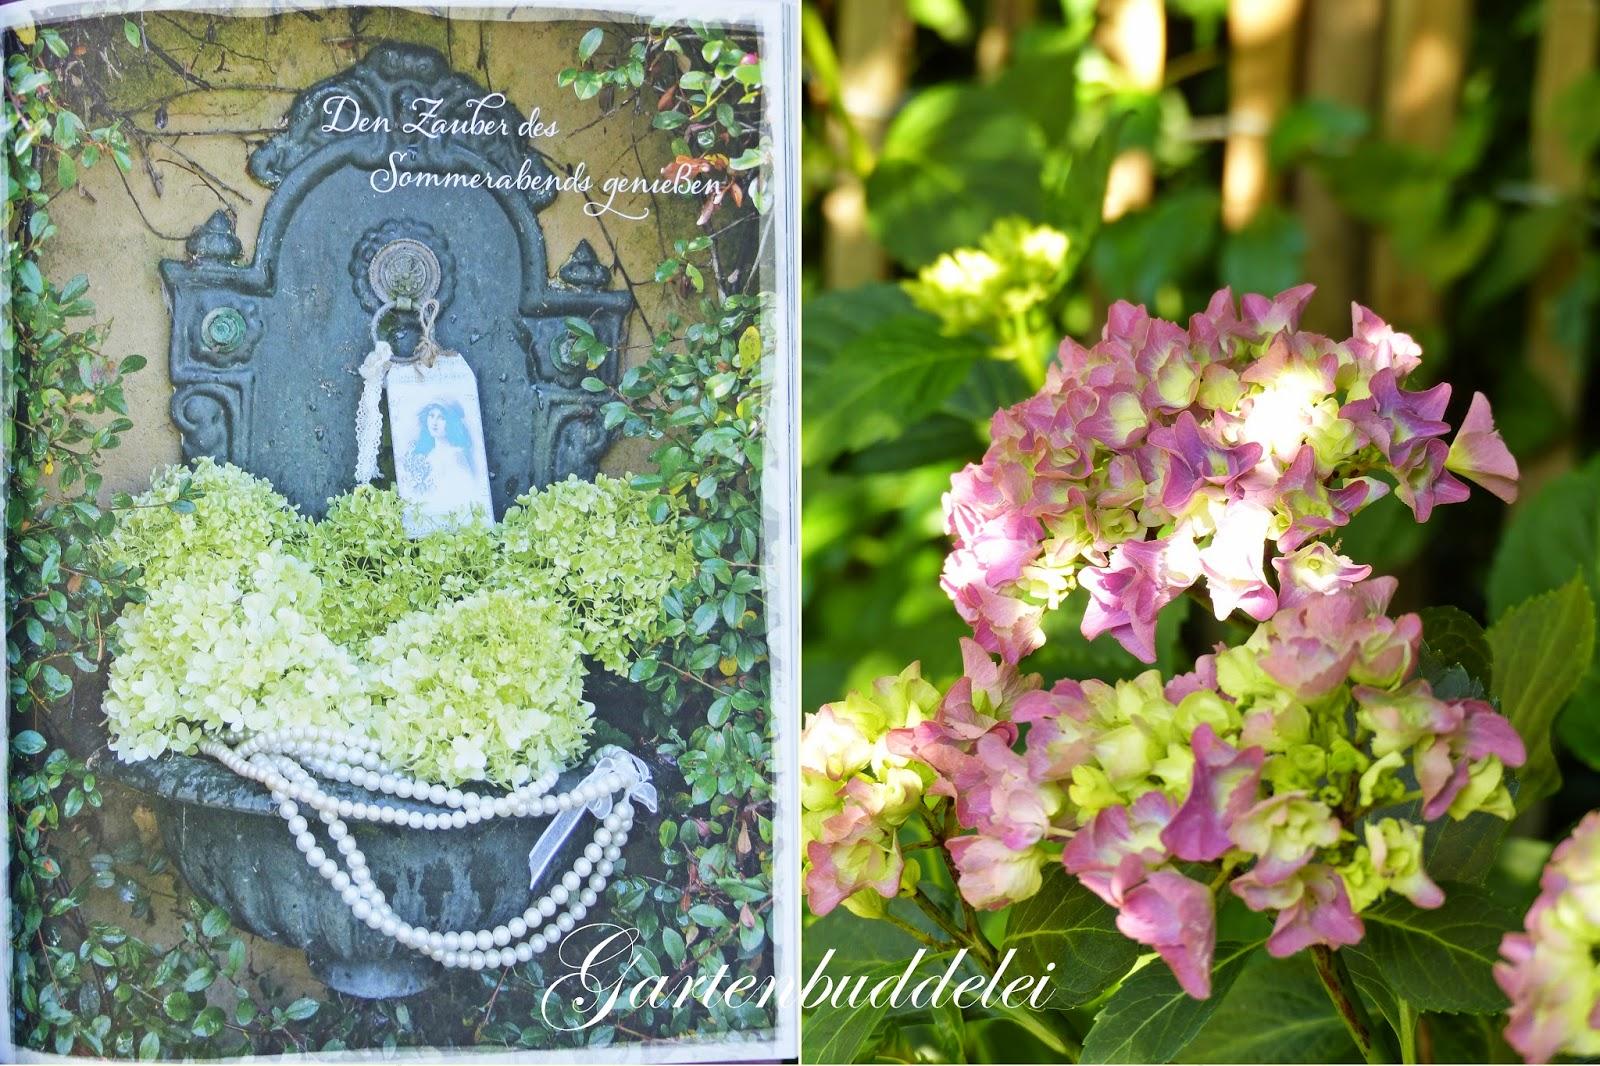 Gartenbuddelei: Tafelzauber & Gaumenfreuden - Eine Buchvorstellung ...